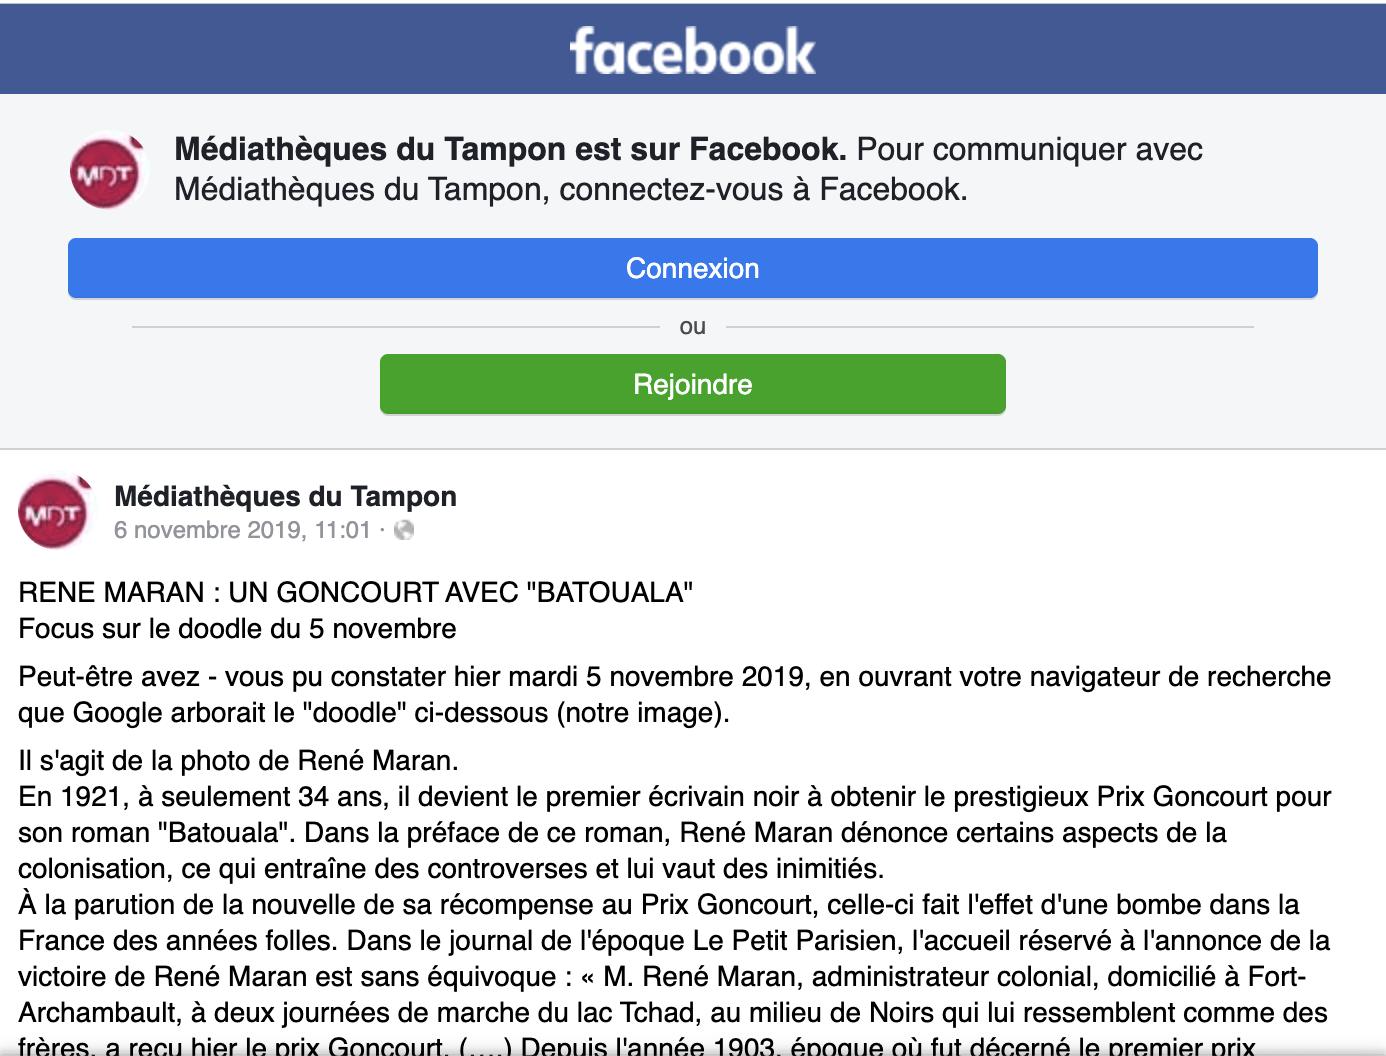 Médiathèque du Tampon : article sur le doodle du 5 novembre 2019